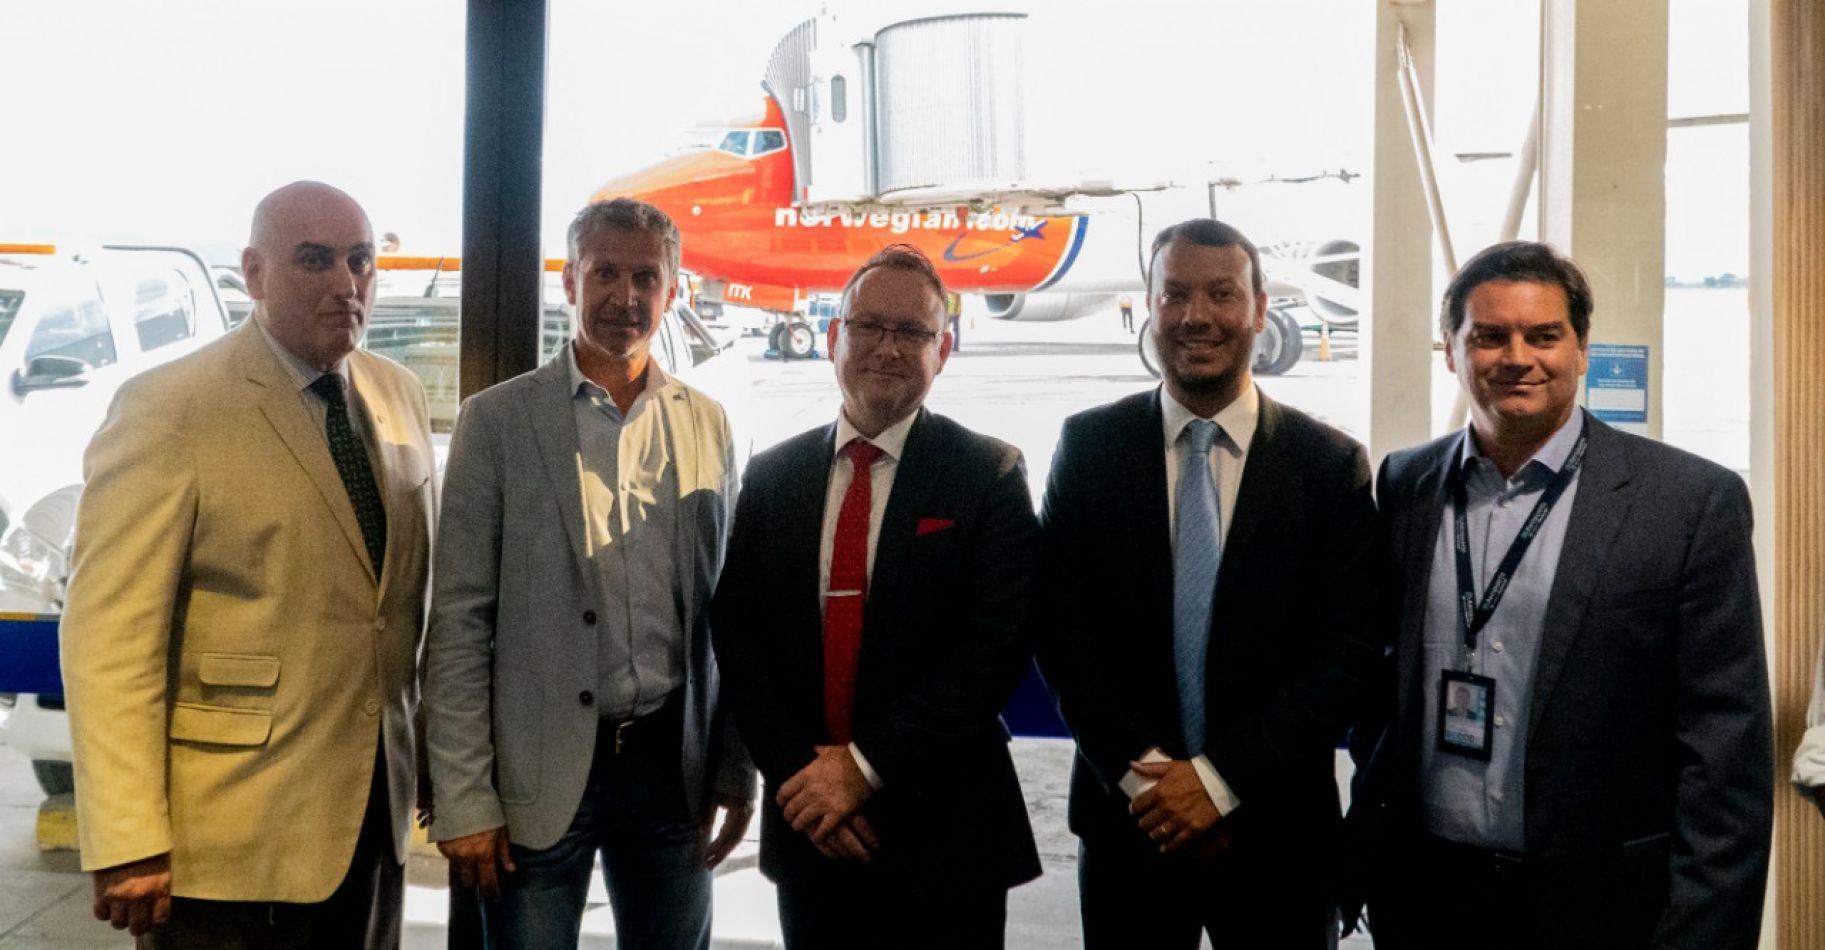 Destacan la llegada de una nueva línea aérea y el crecimiento de la conectividad en Saltaa